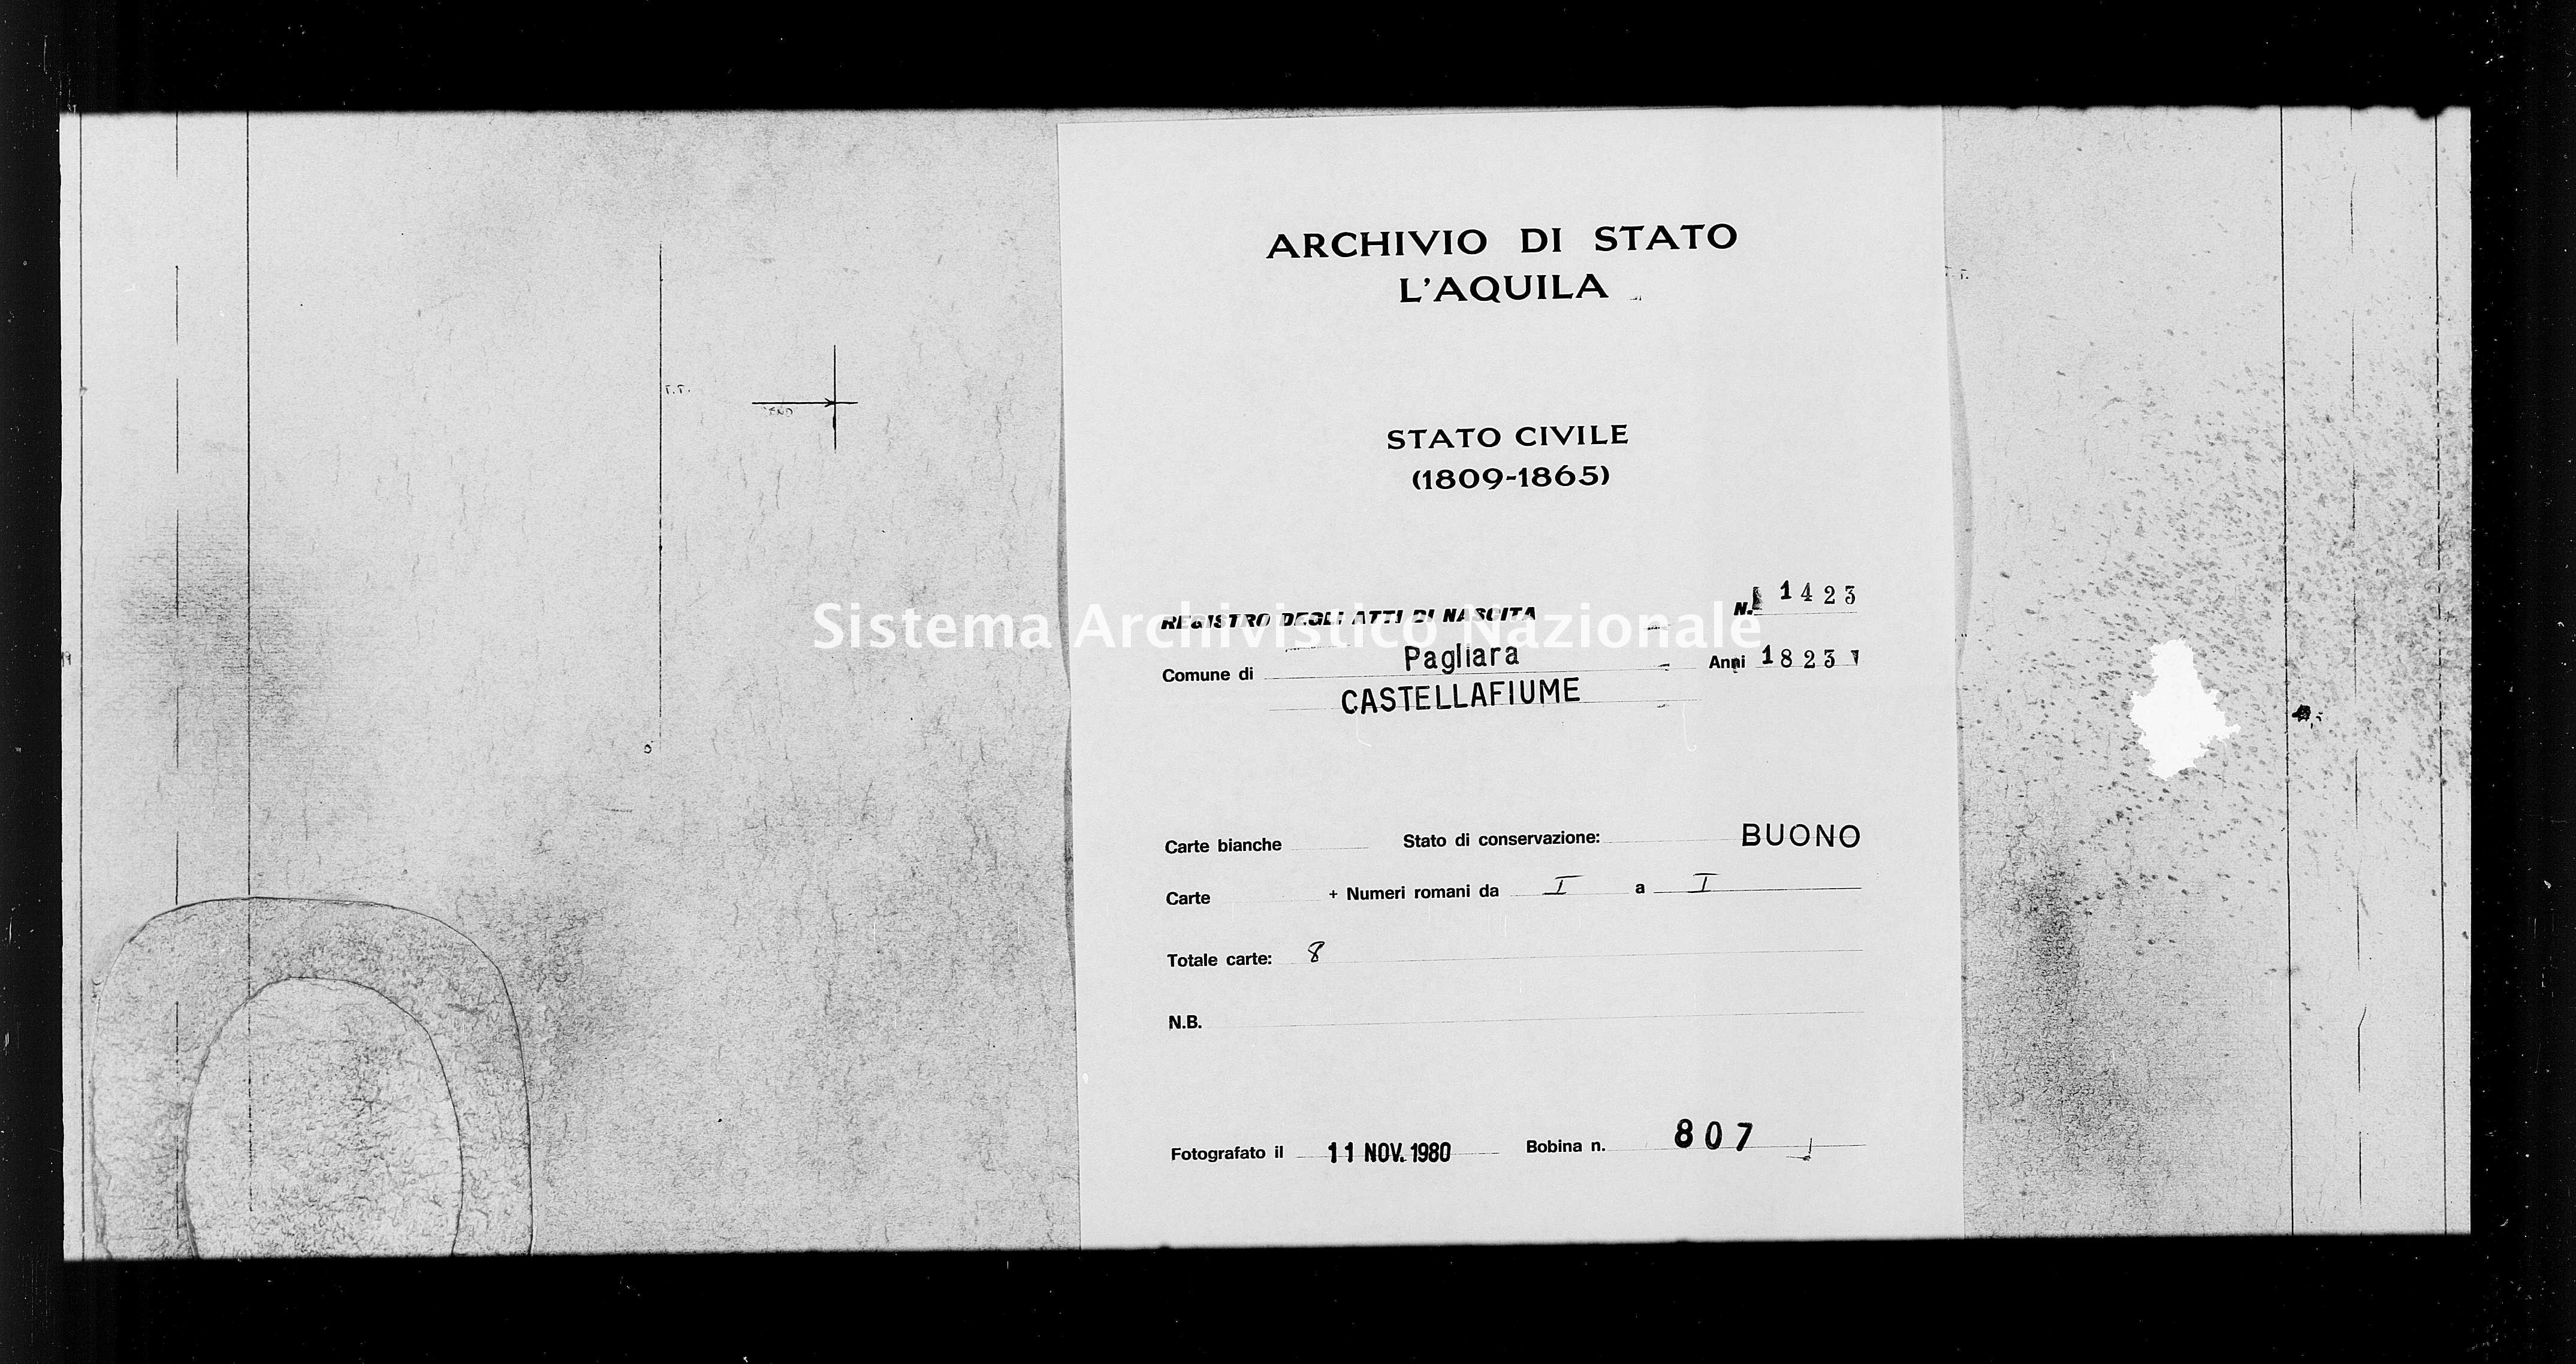 Archivio di stato di L'aquila - Stato civile della restaurazione - Pagliara - Nati - 1823 - 1423 -